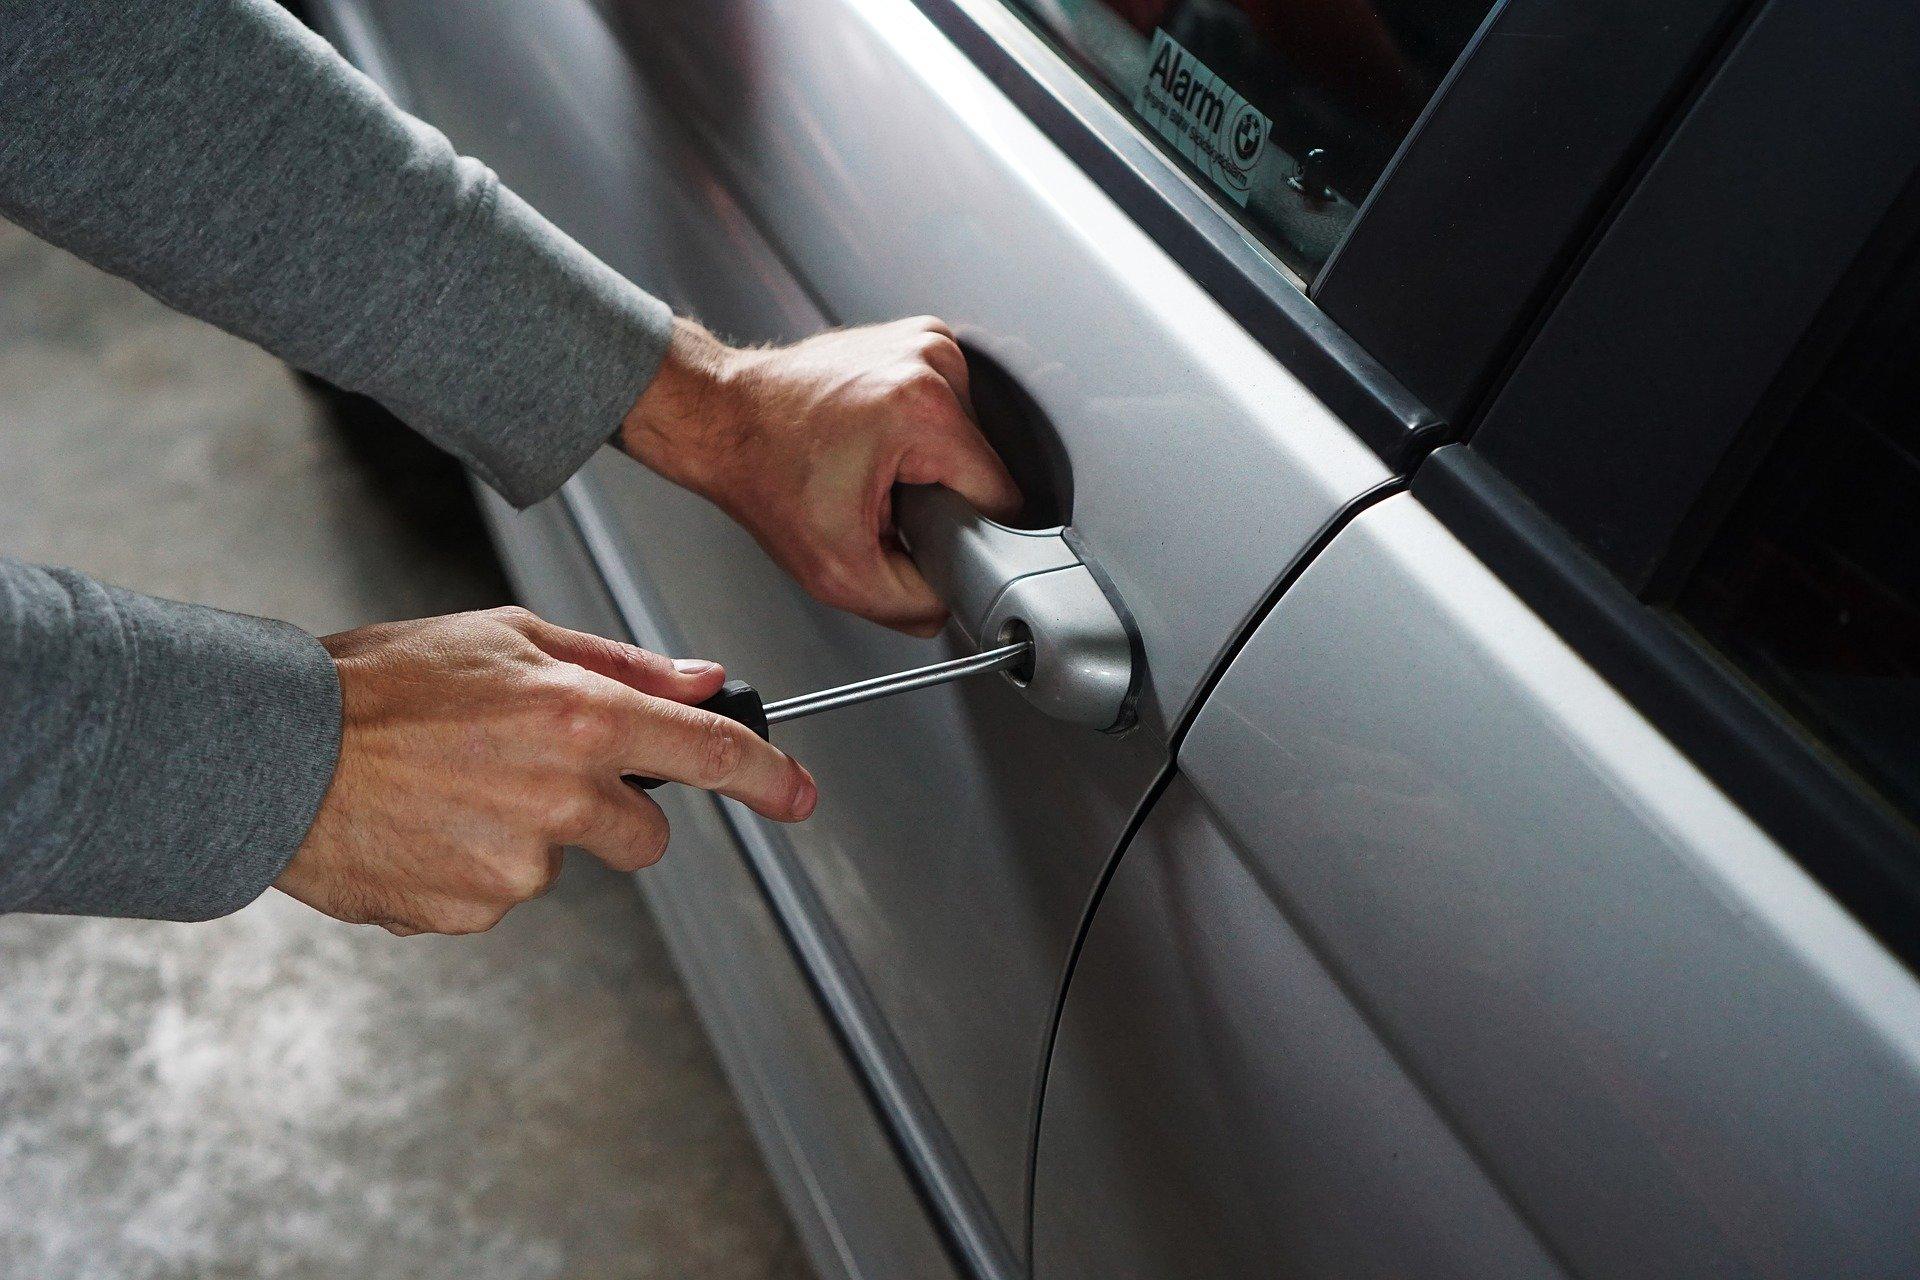 Metody kradzieży aut potrafią być kreatywne